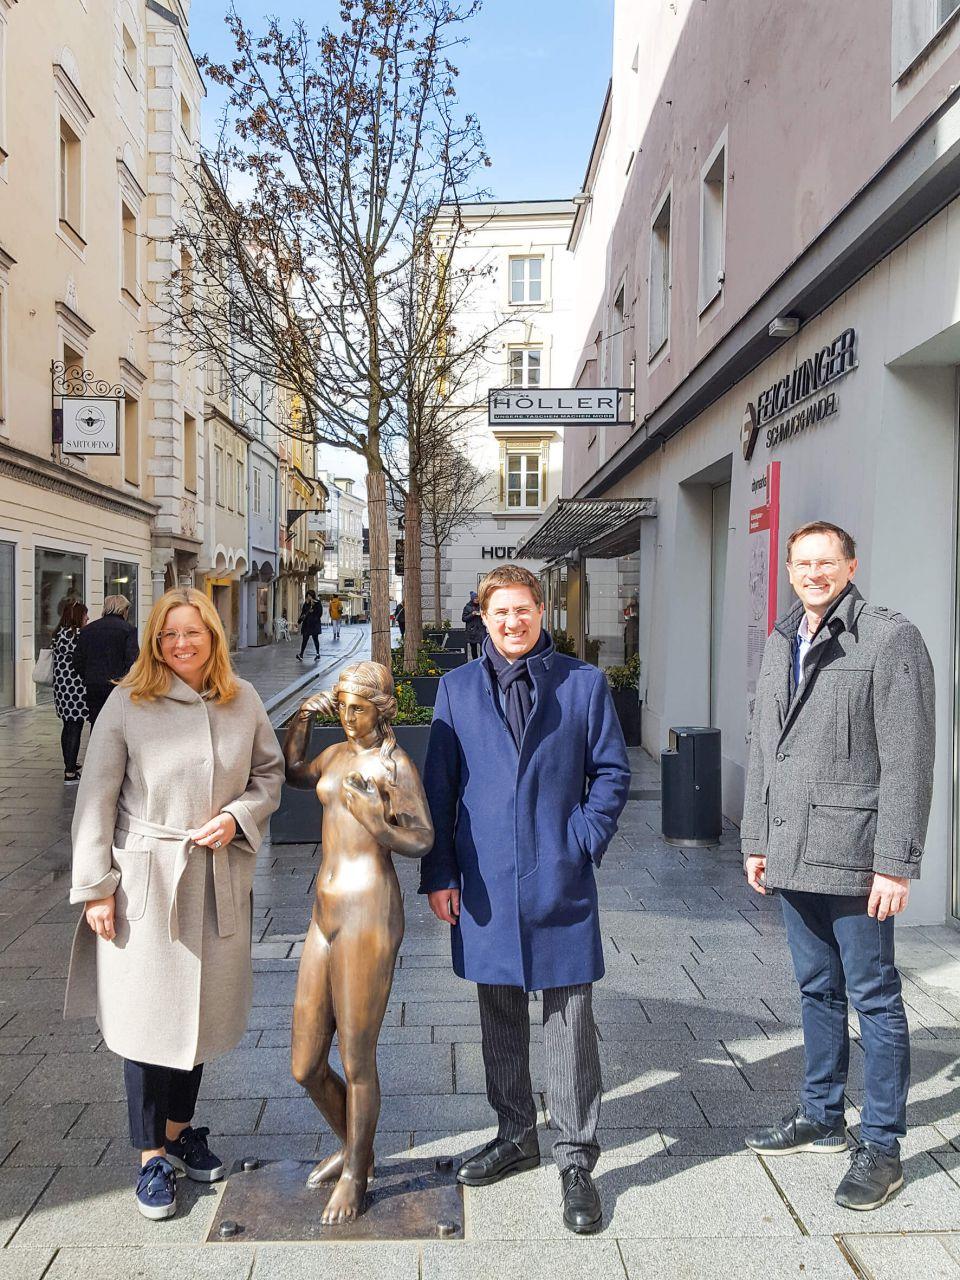 Bürgermeister Dr. Andreas Rabl, Vizebürgermeisterin Christa Raggl-Mühlberger und Robert Reif, Regionaldirektor Sparkasse Wels stehen in der Schmidtgasse neben der neuen Bronzestatue der Venus